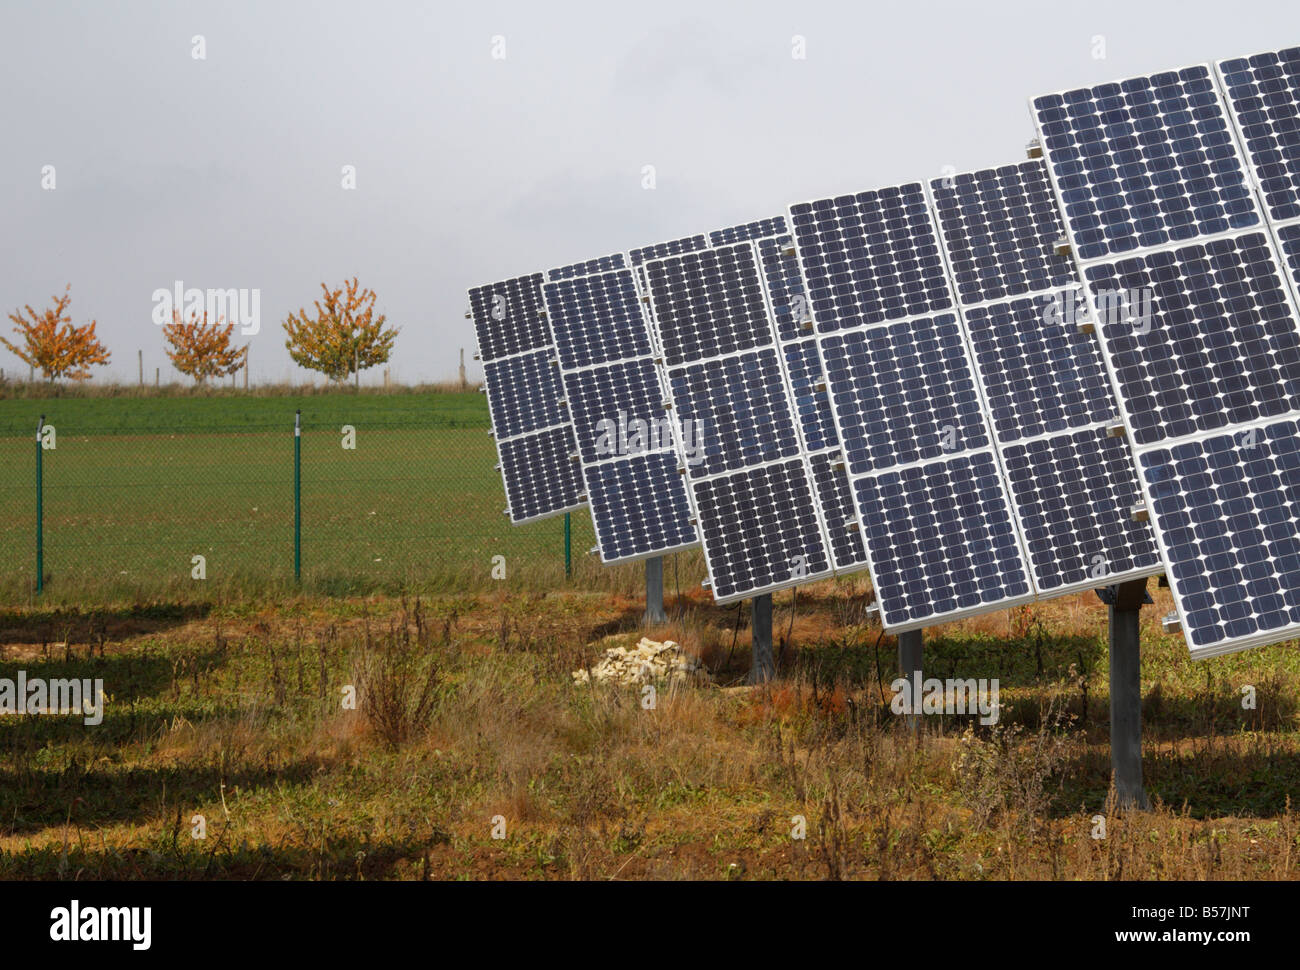 Des panneaux solaires sur une ferme en Allemagne. C'est à Oberrüsselbach, Igensdorf, dans la région Photo Stock